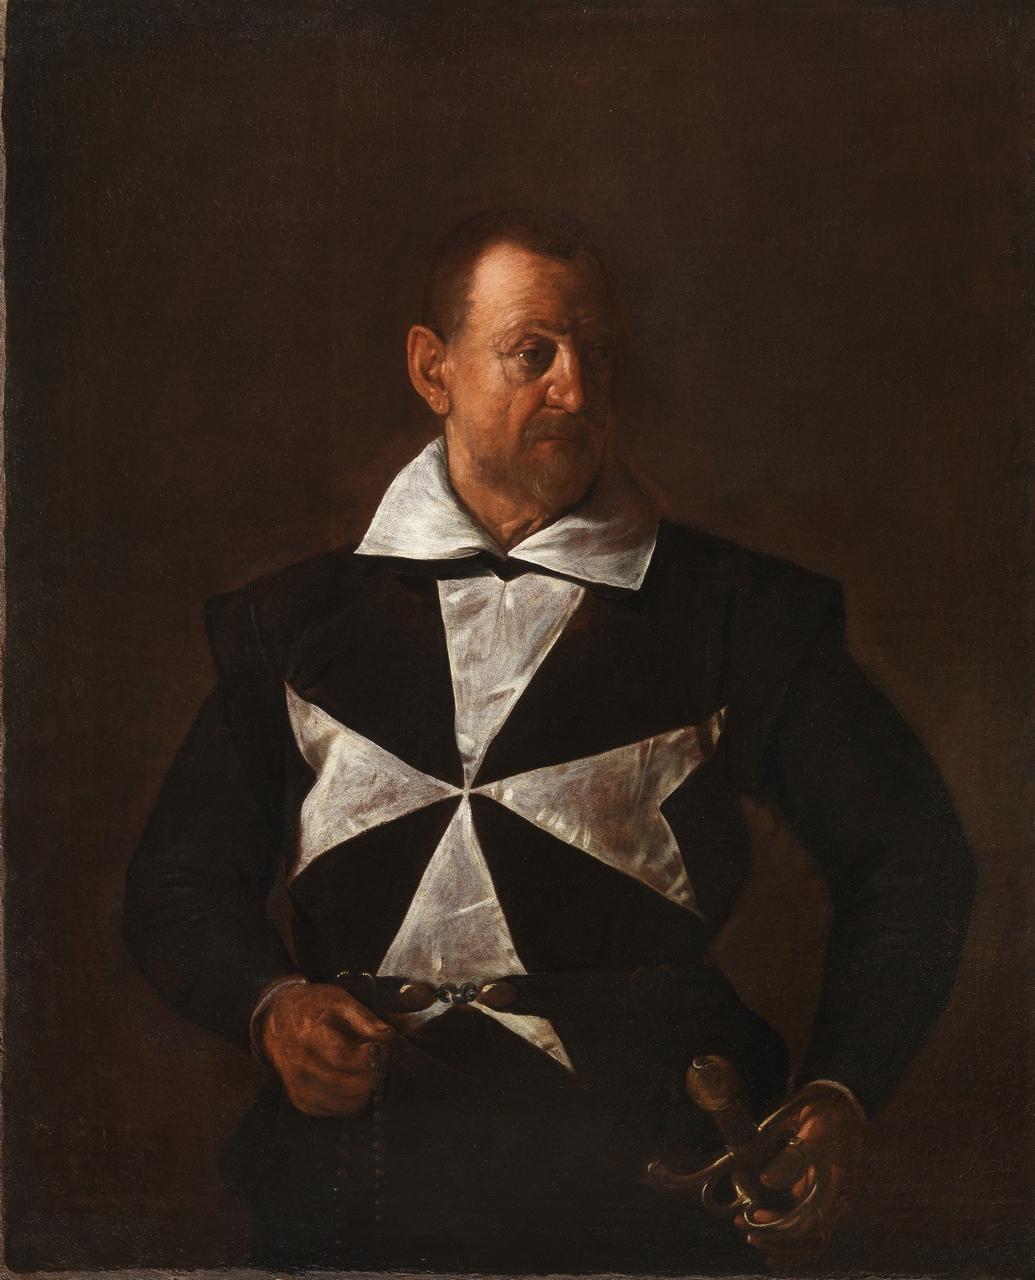 Michelangelo Merisi detto Caravaggio, Ritratto di cavaliere di Malta, 1608